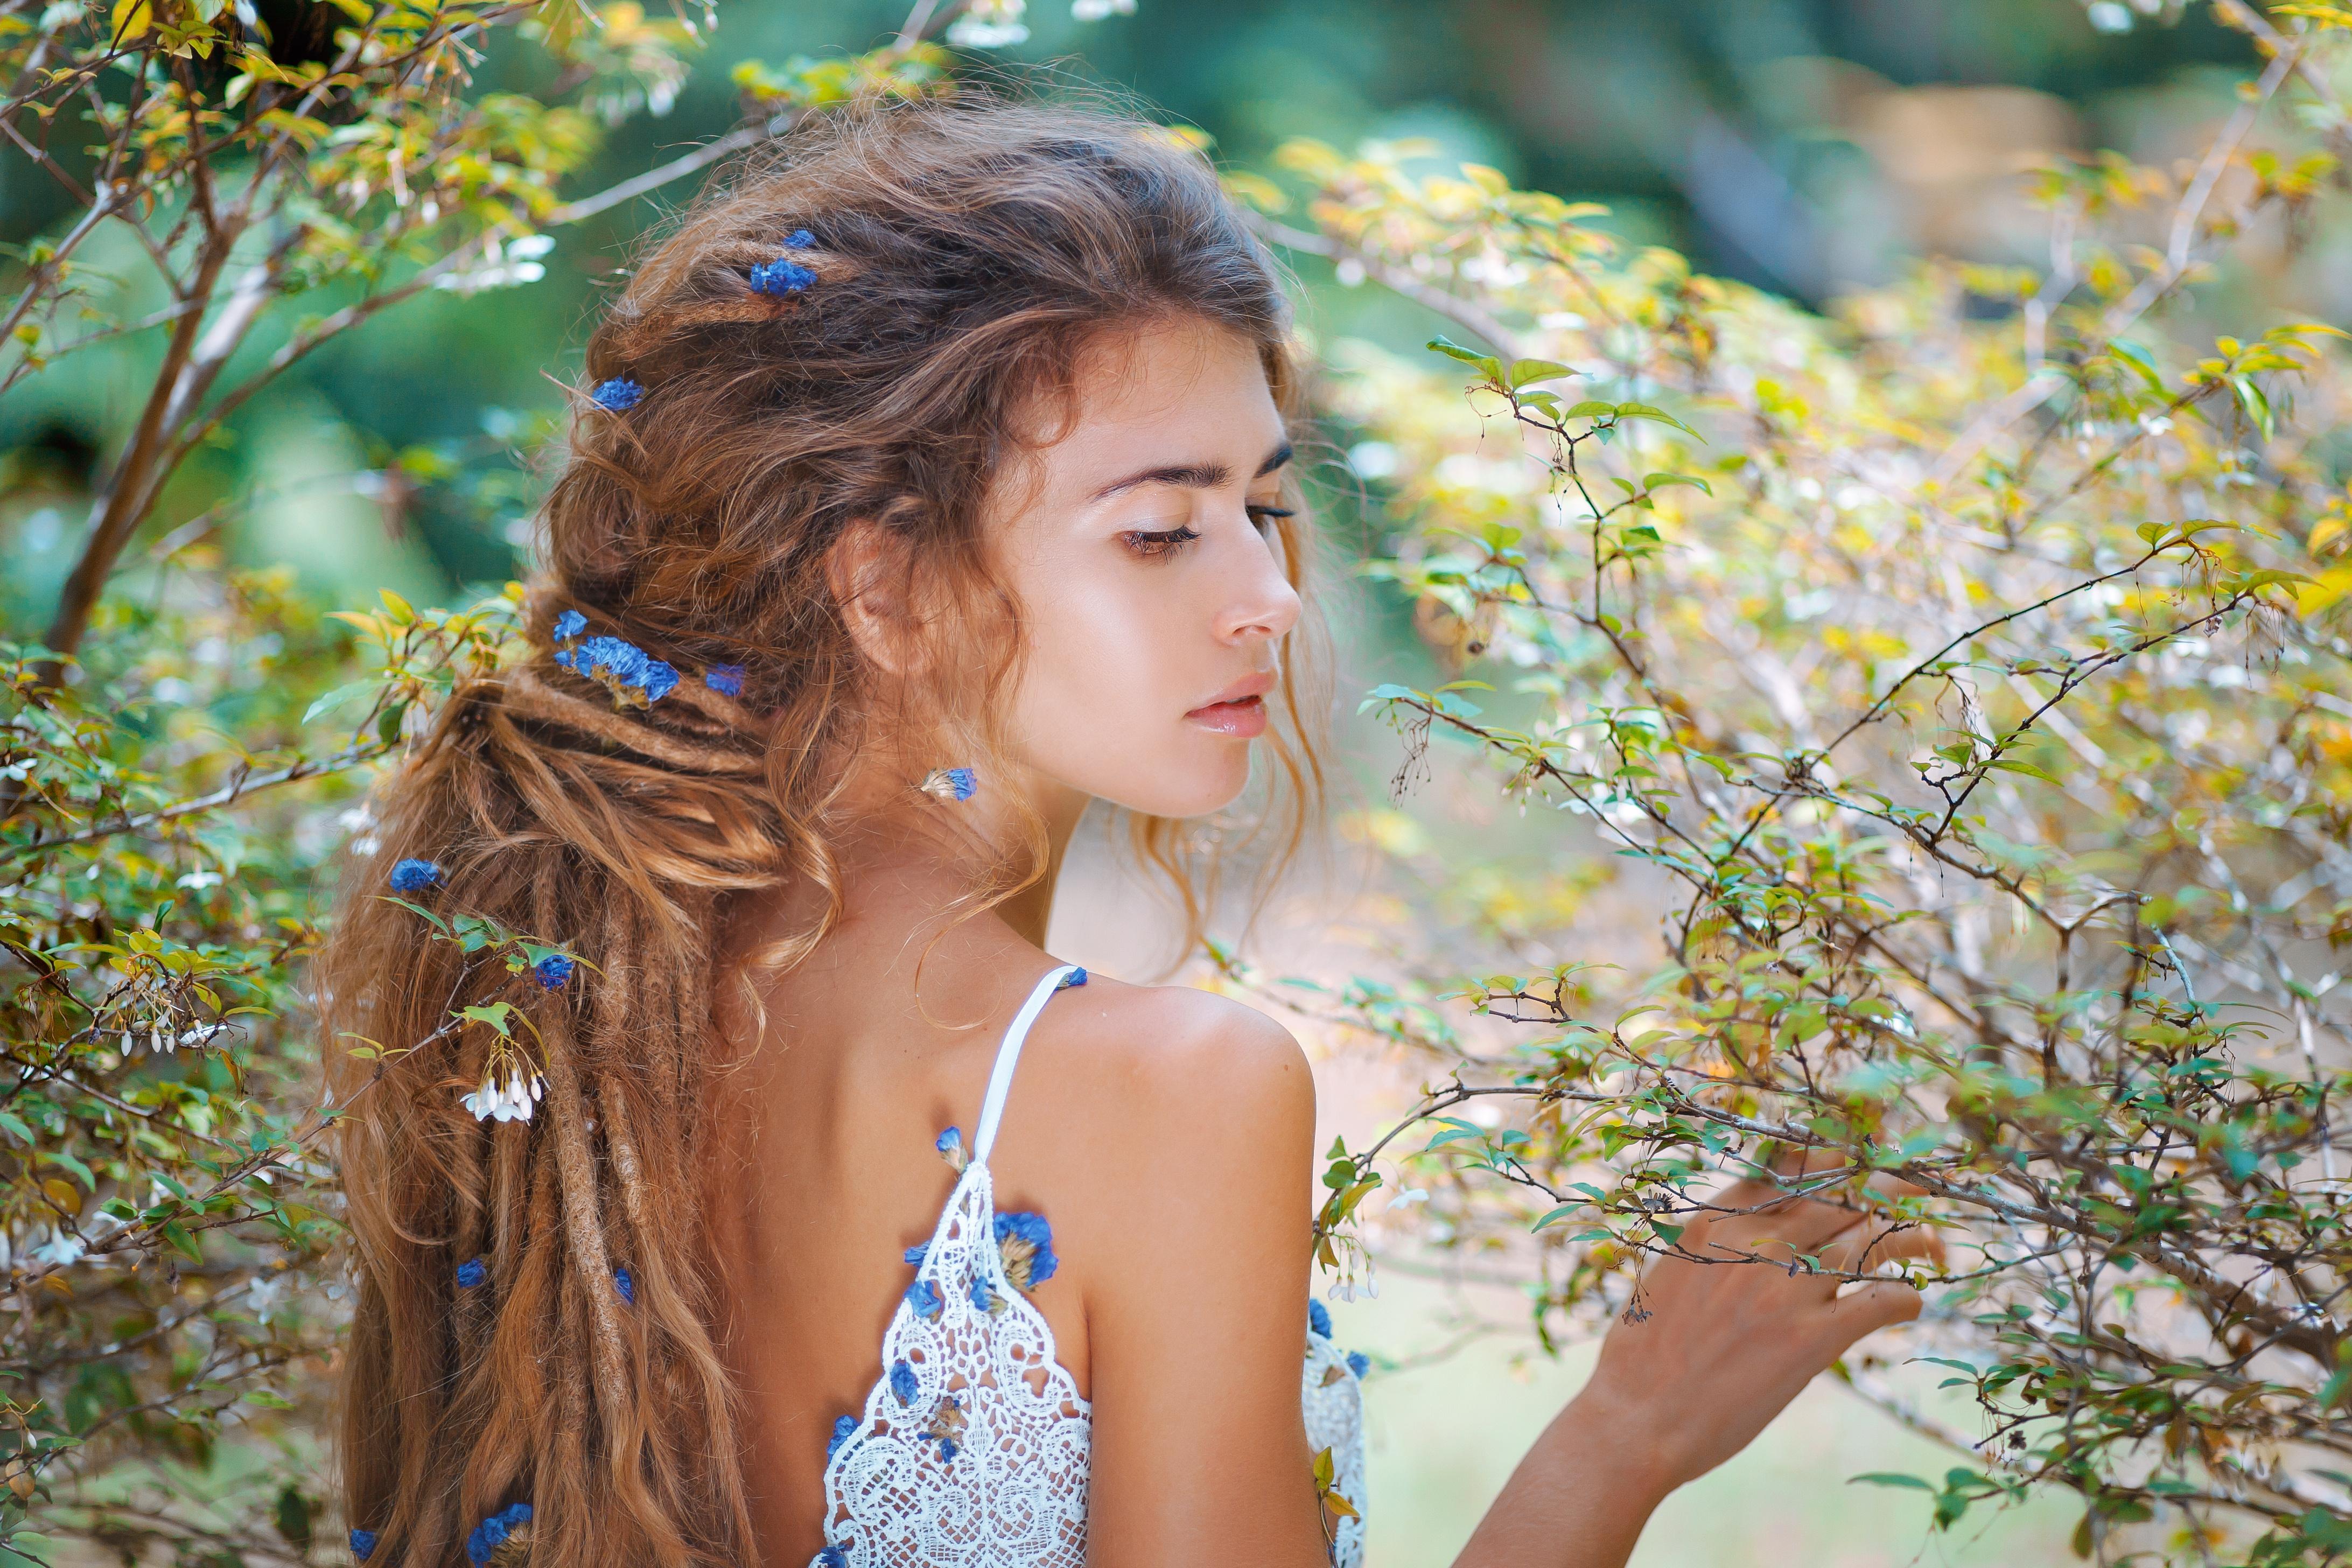 Mädchen mit Dreads im Wald Frühling